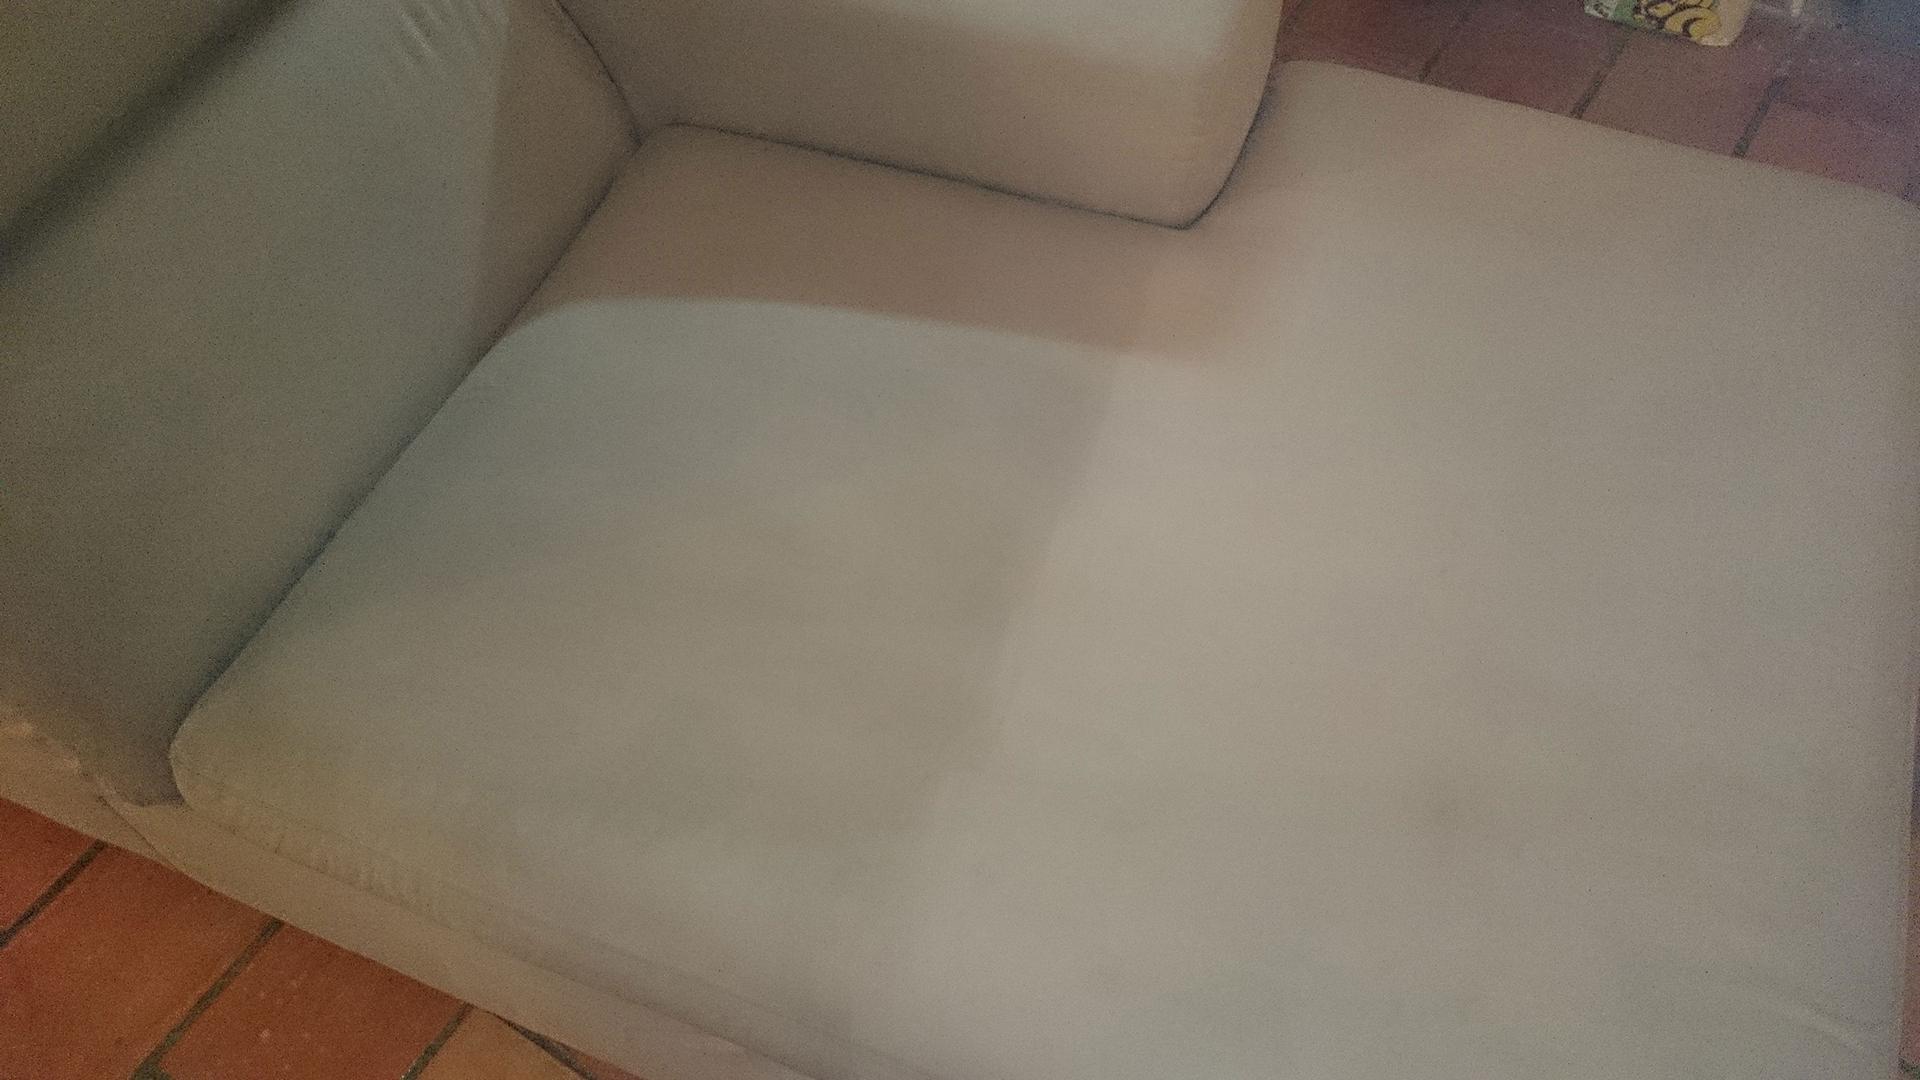 nettoyage de canap s montpellier fauteuils matelas moquettes. Black Bedroom Furniture Sets. Home Design Ideas